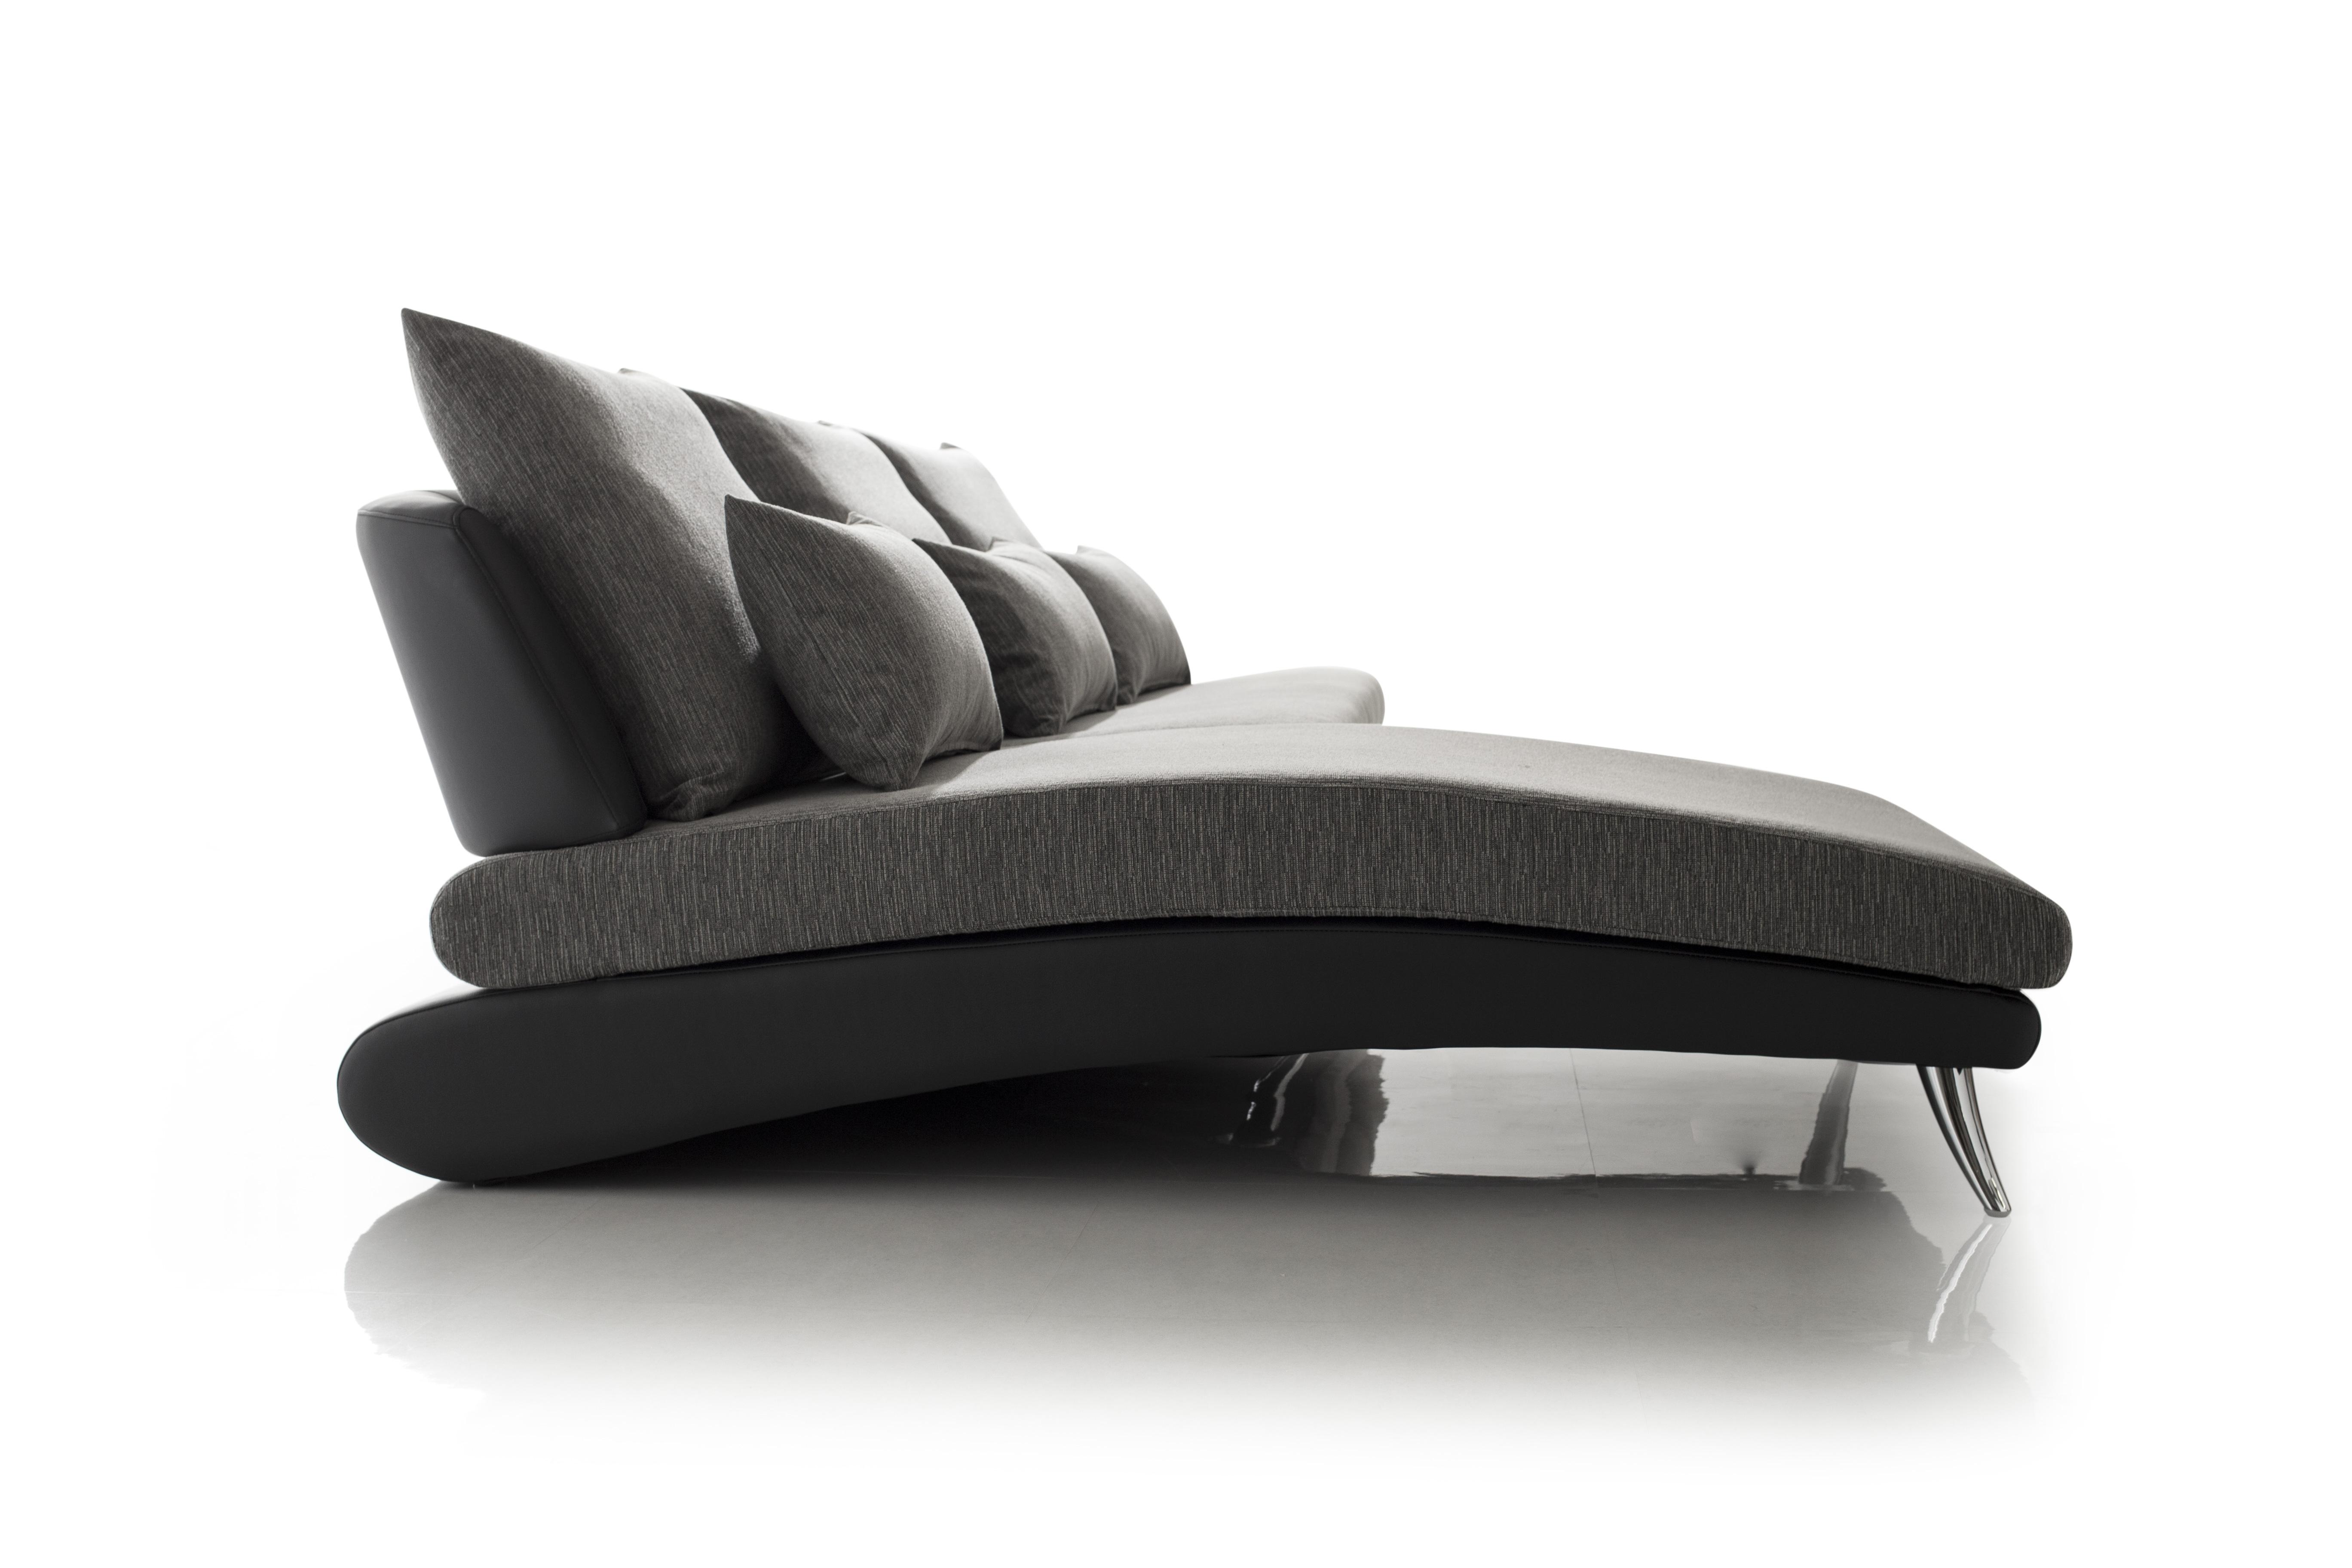 crew-zero sofa